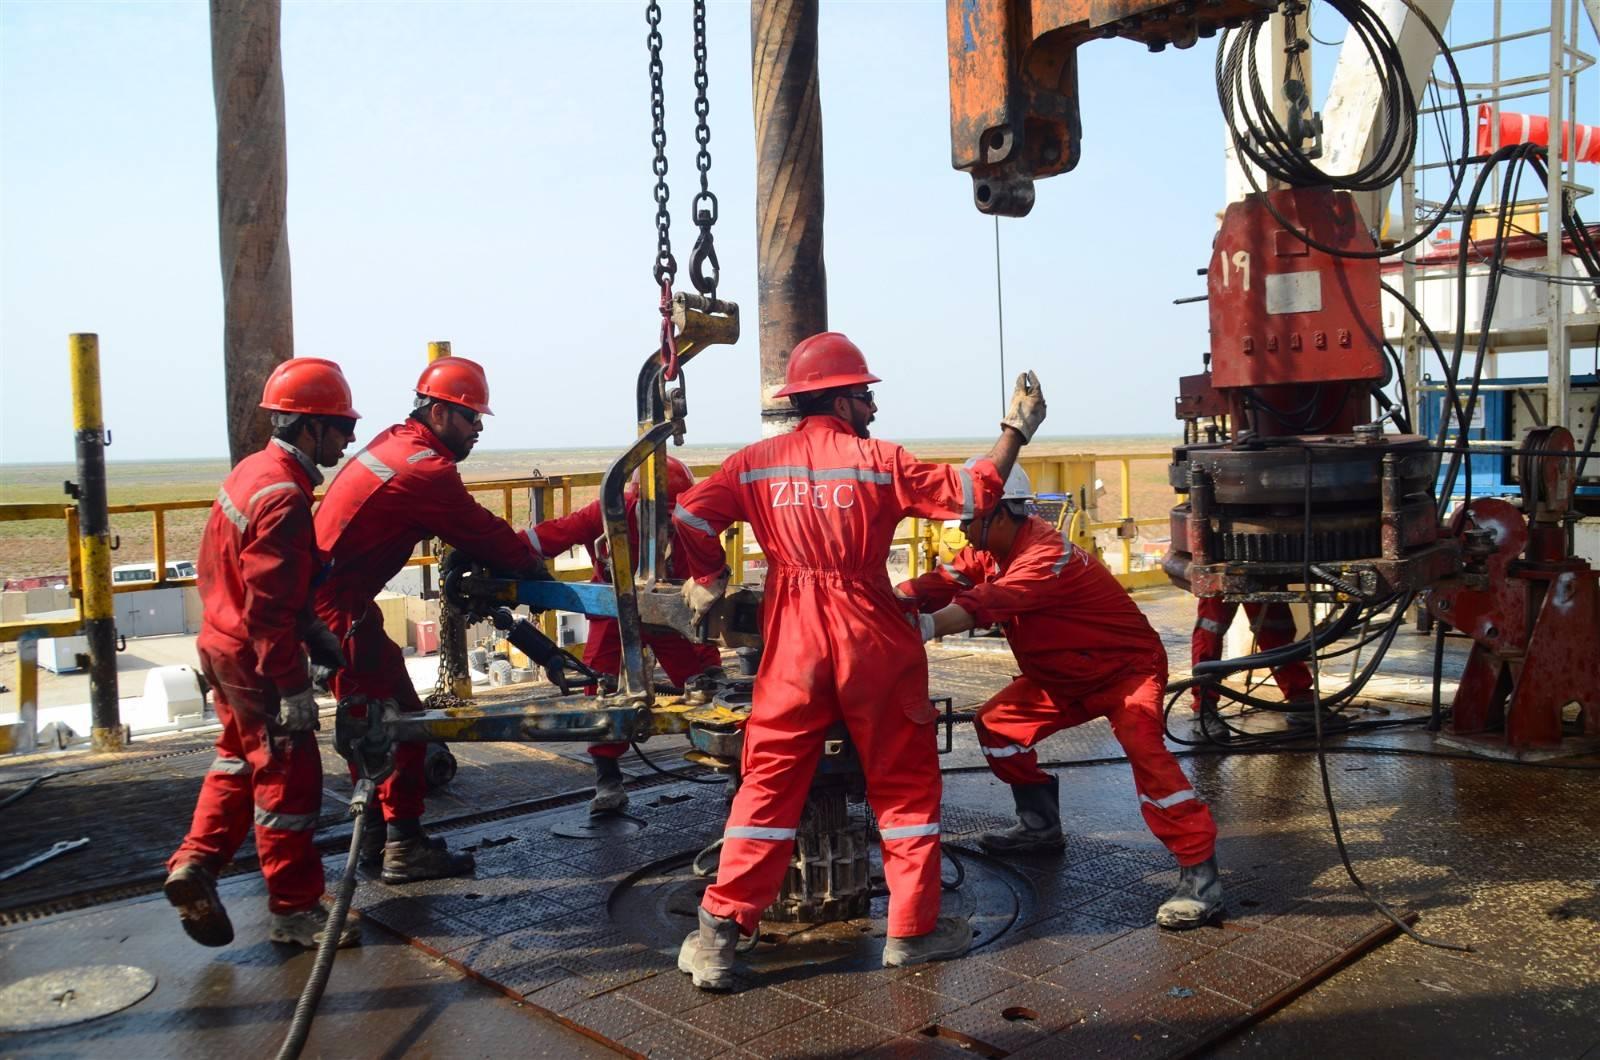 市场复苏,中国民企中曼伊拉克市场多项目陆续复工